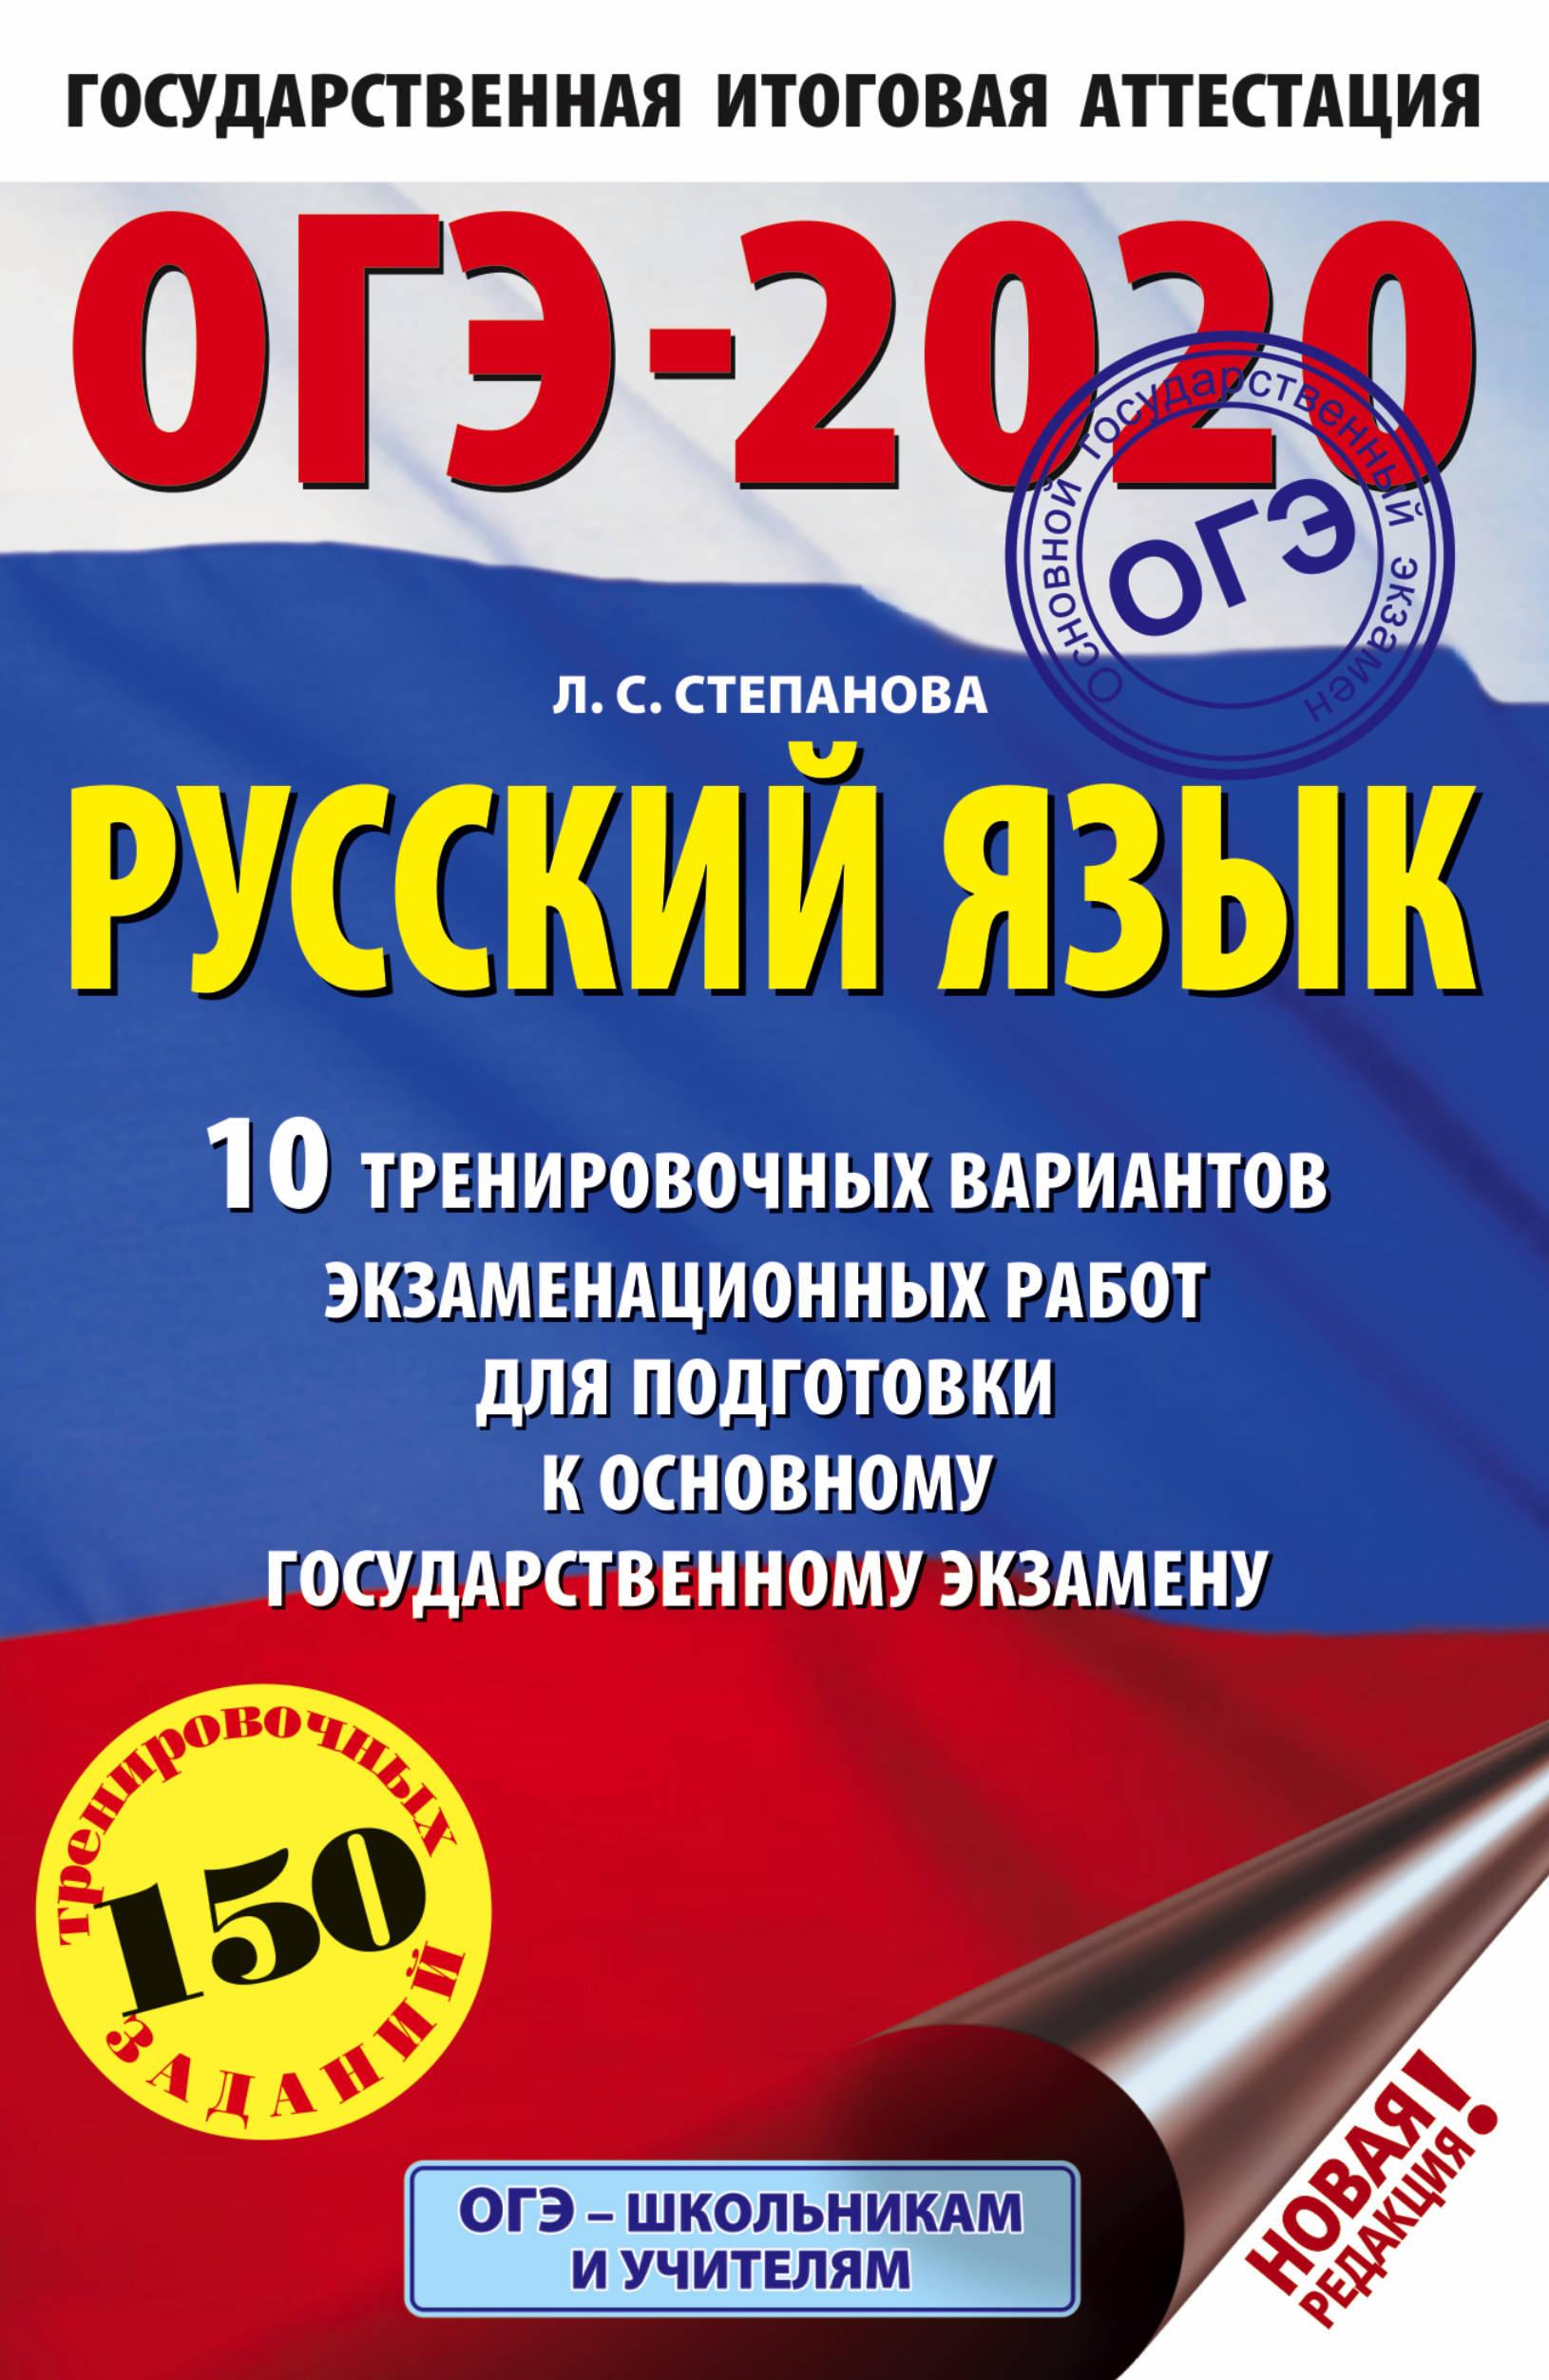 OGE-2020. Russkij jazyk (60kh90/16) 10 trenirovochnykh variantov ekzamenatsionnykh rabot dlja podgotovki k osnovnomu gosudarstvennomu ekzamenu